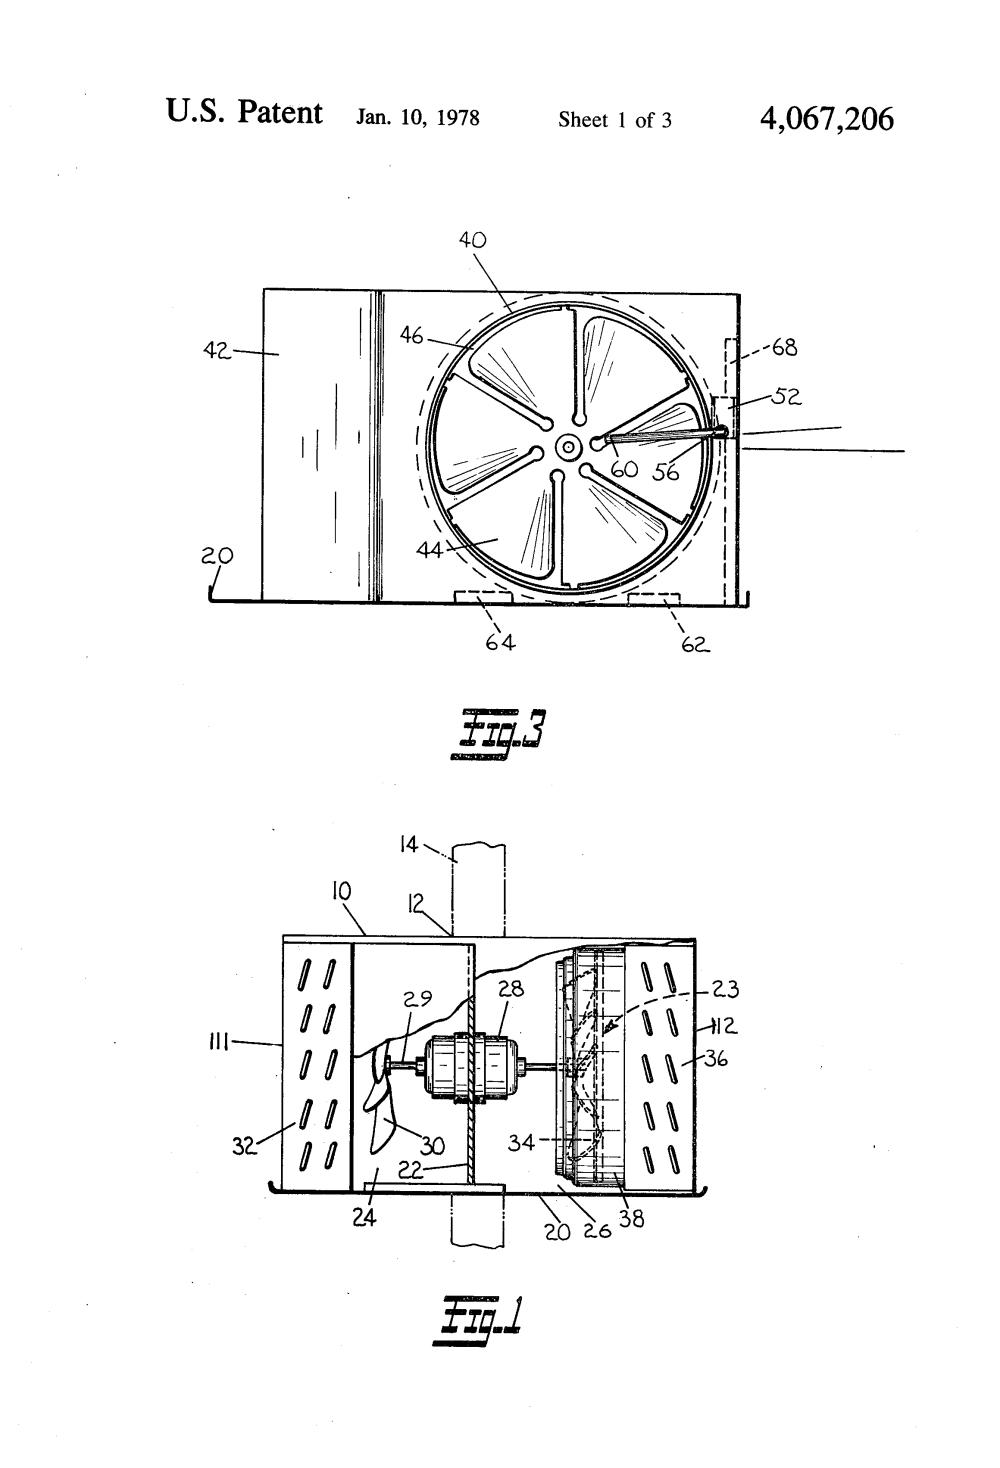 medium resolution of nice warn winch xd9000i wiring diagram photo electrical diagram us4067206 1 warn winch